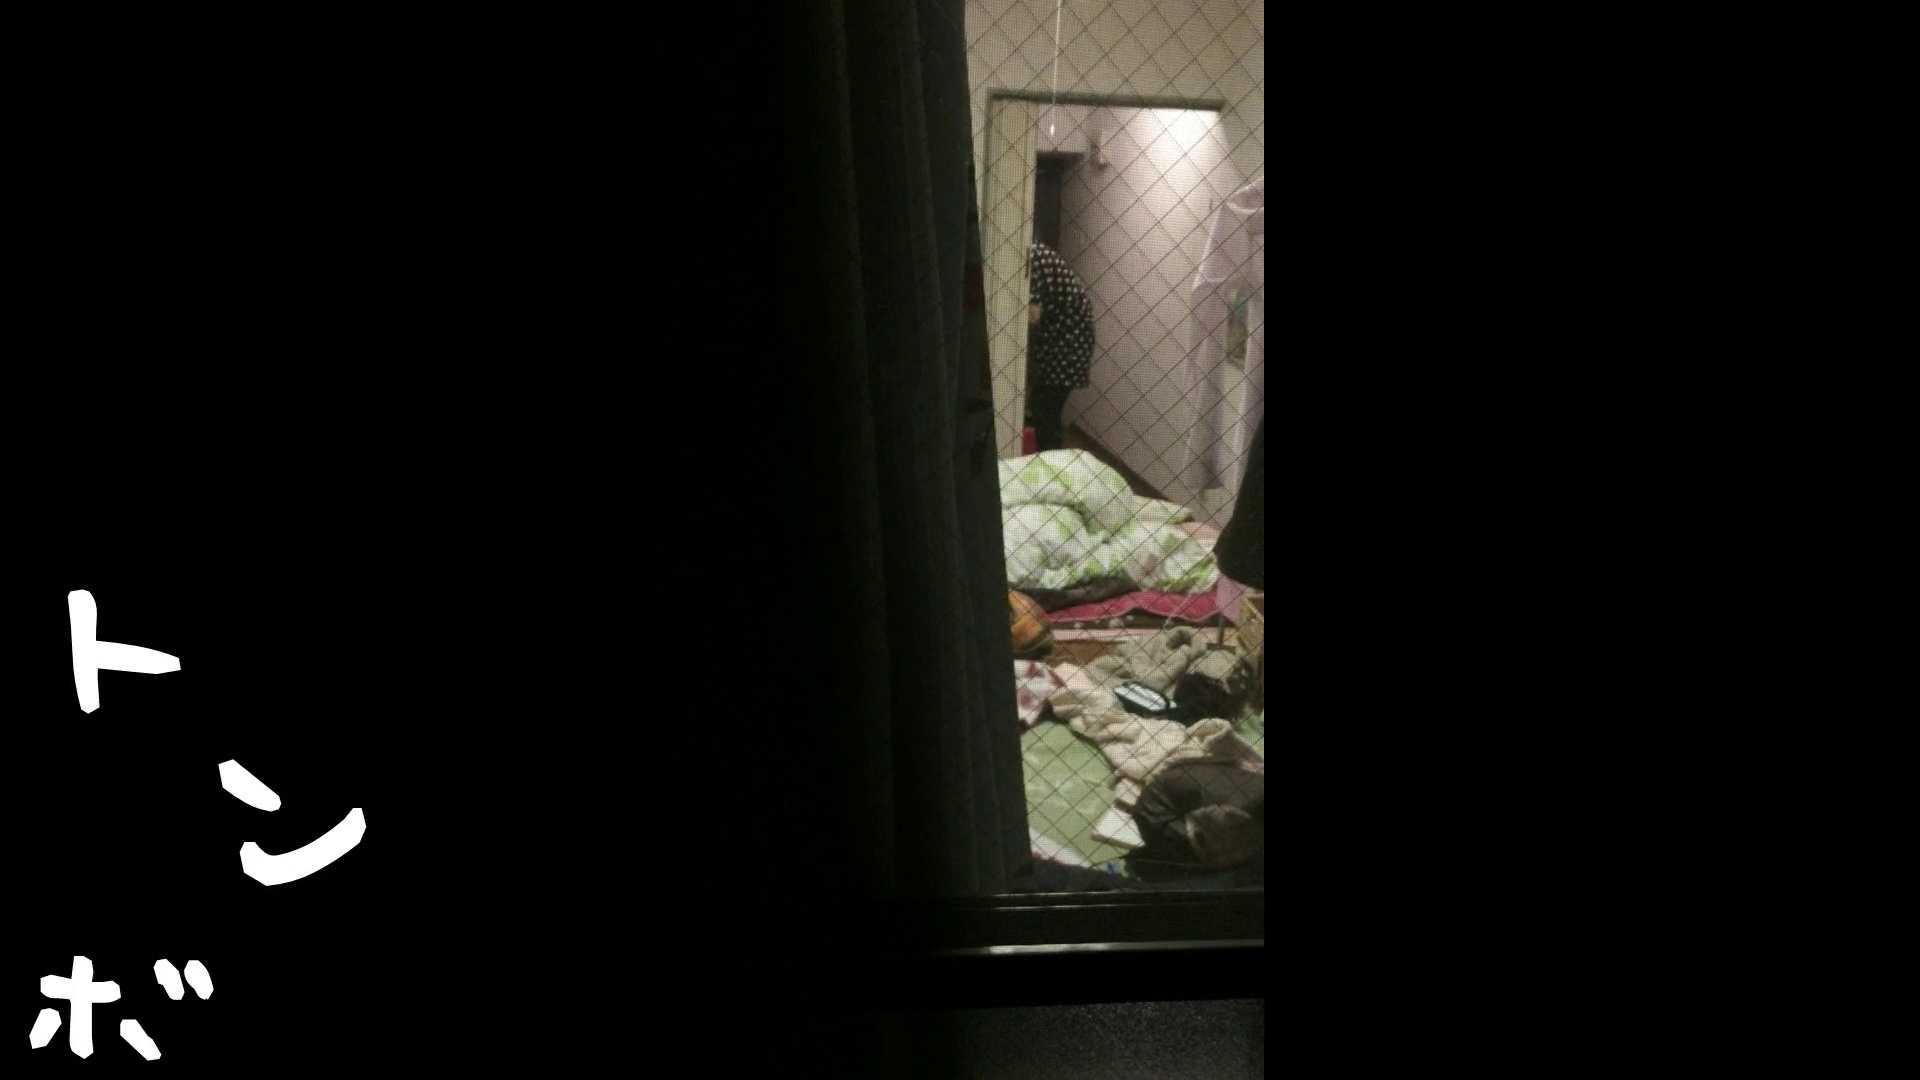 リアル盗撮 S級美女女子大生の私生活② 盗撮で悶絶 ヌード画像 69画像 32